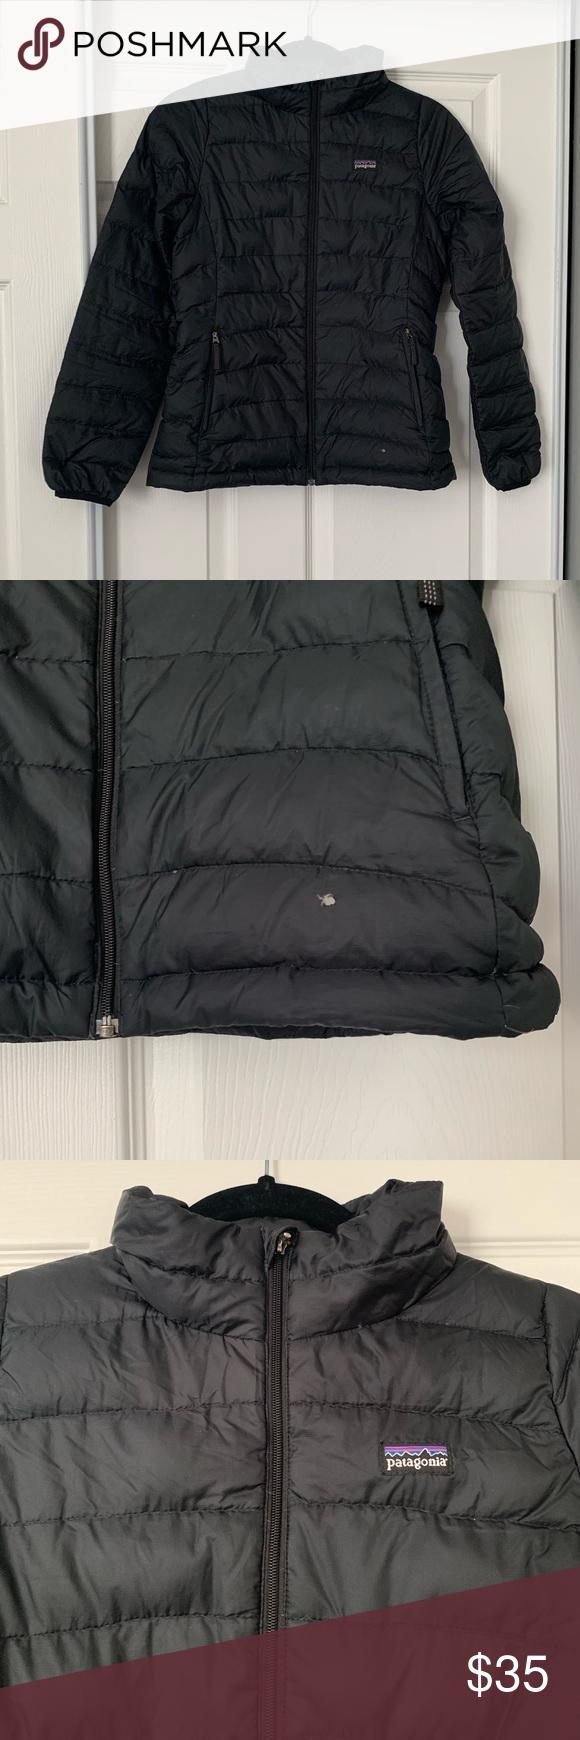 Patagonia Girl S Black Puffer Jacket Goose Down Black Puffer Jacket Girls Black Puffer Jacket Jackets [ 1740 x 580 Pixel ]